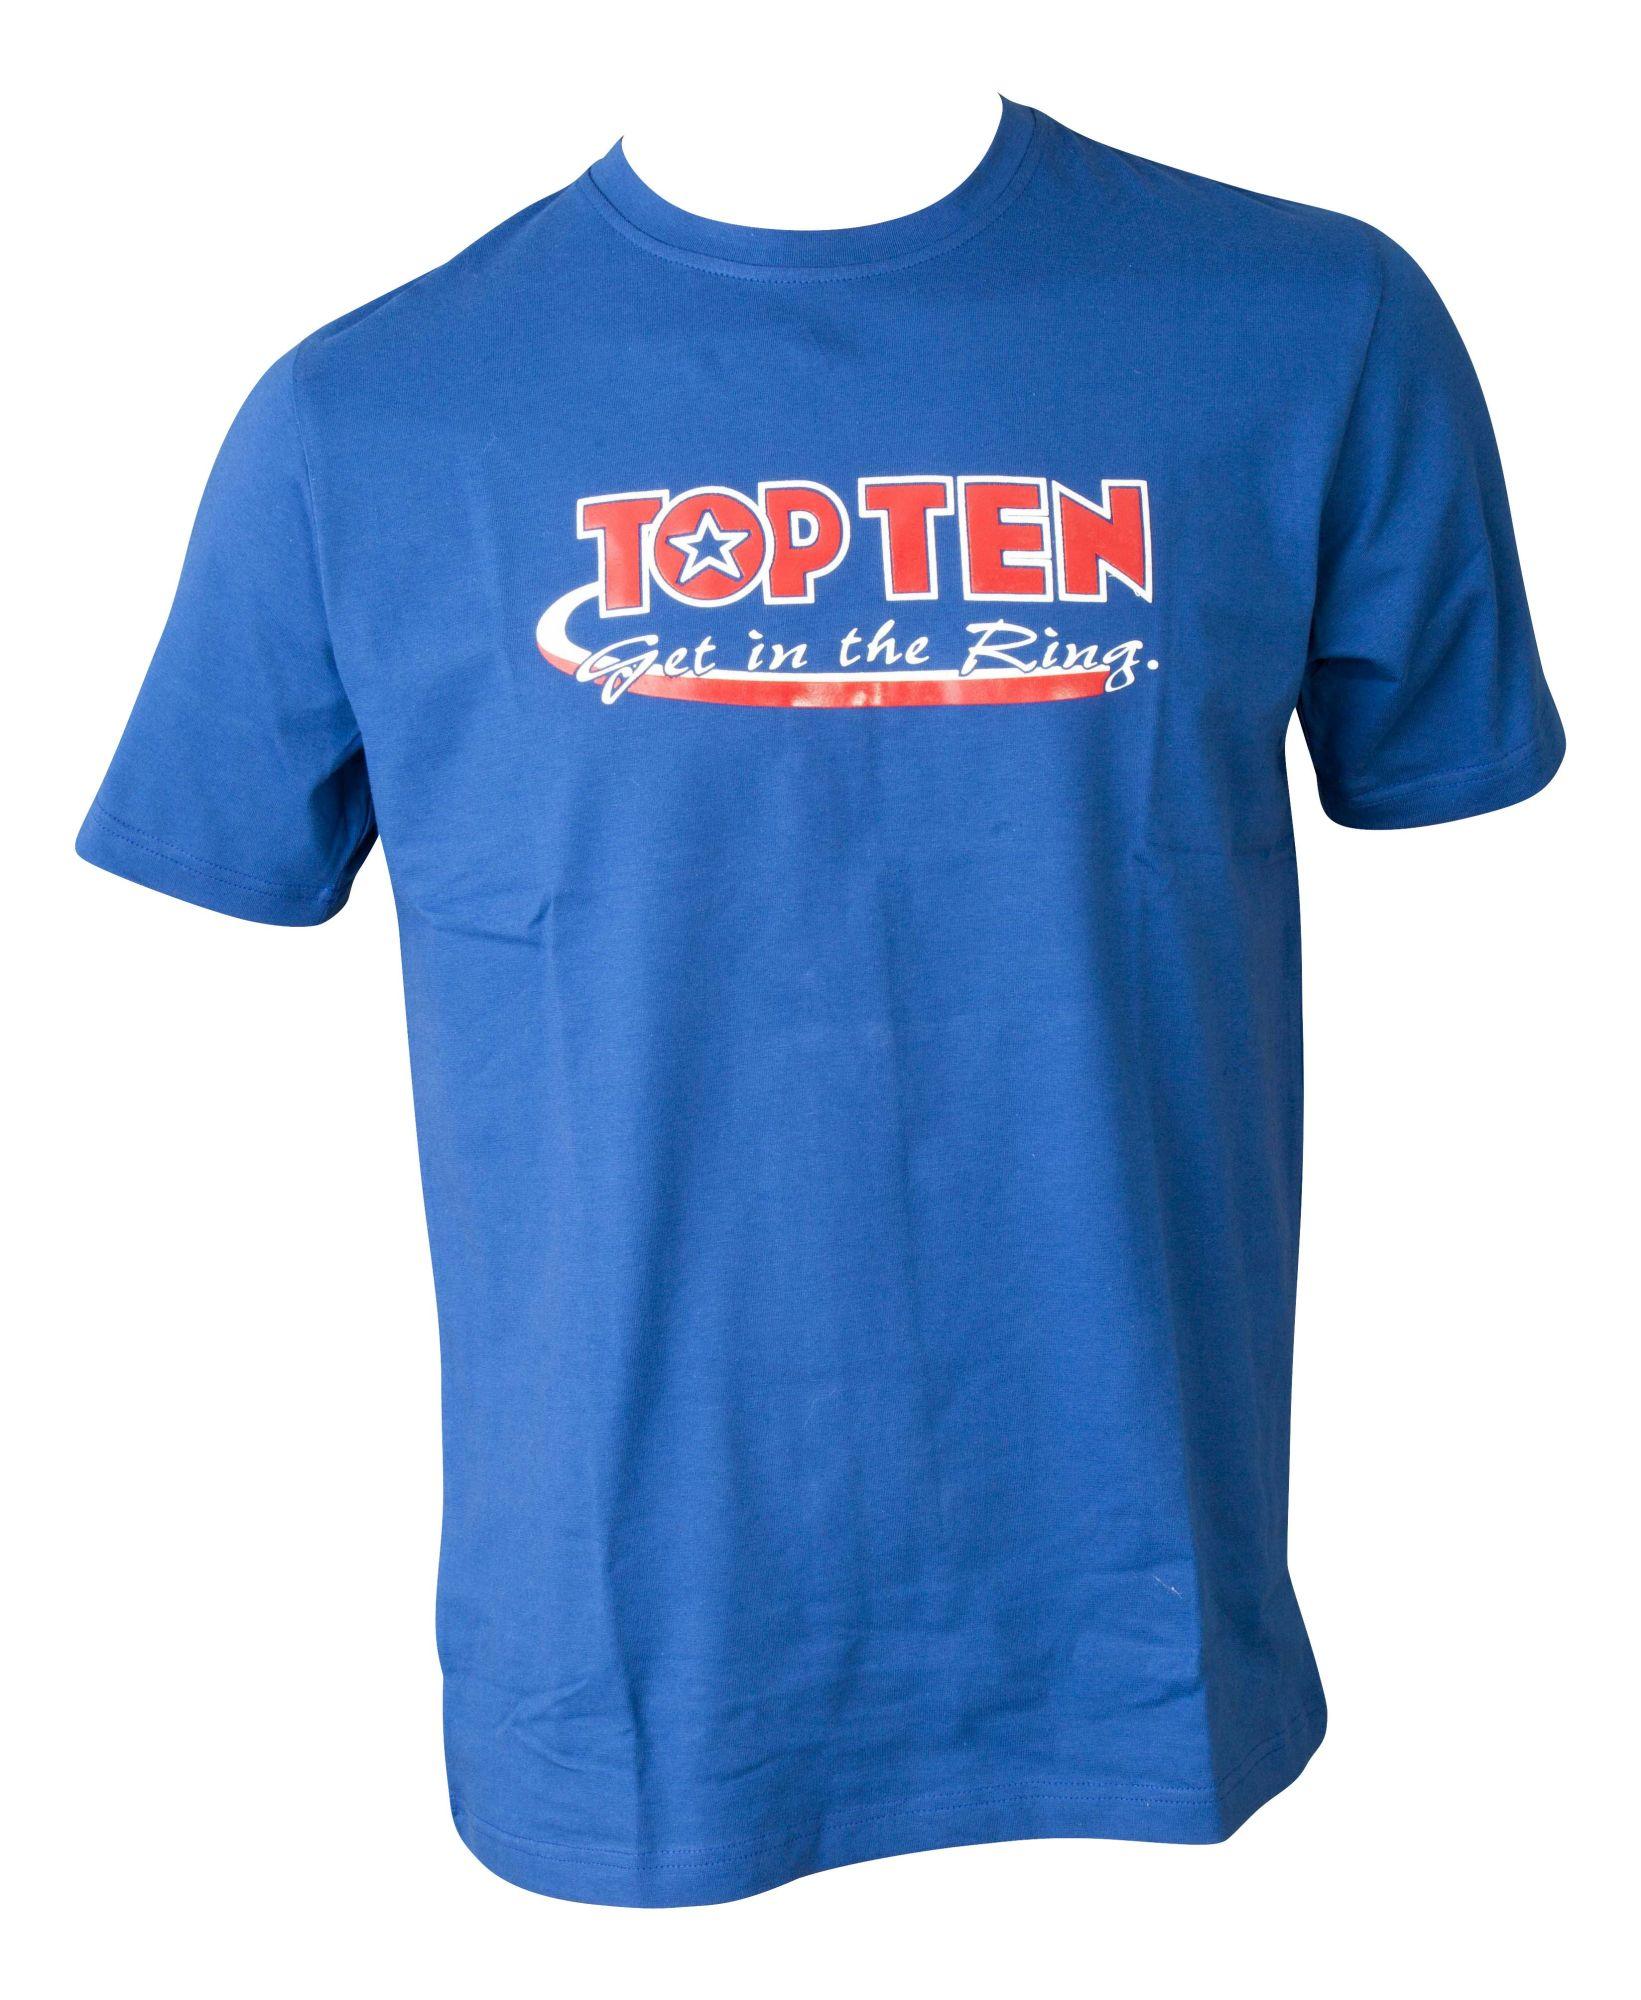 """TOP TEN T-Shirt """"Get in the Ring"""" Blauw"""